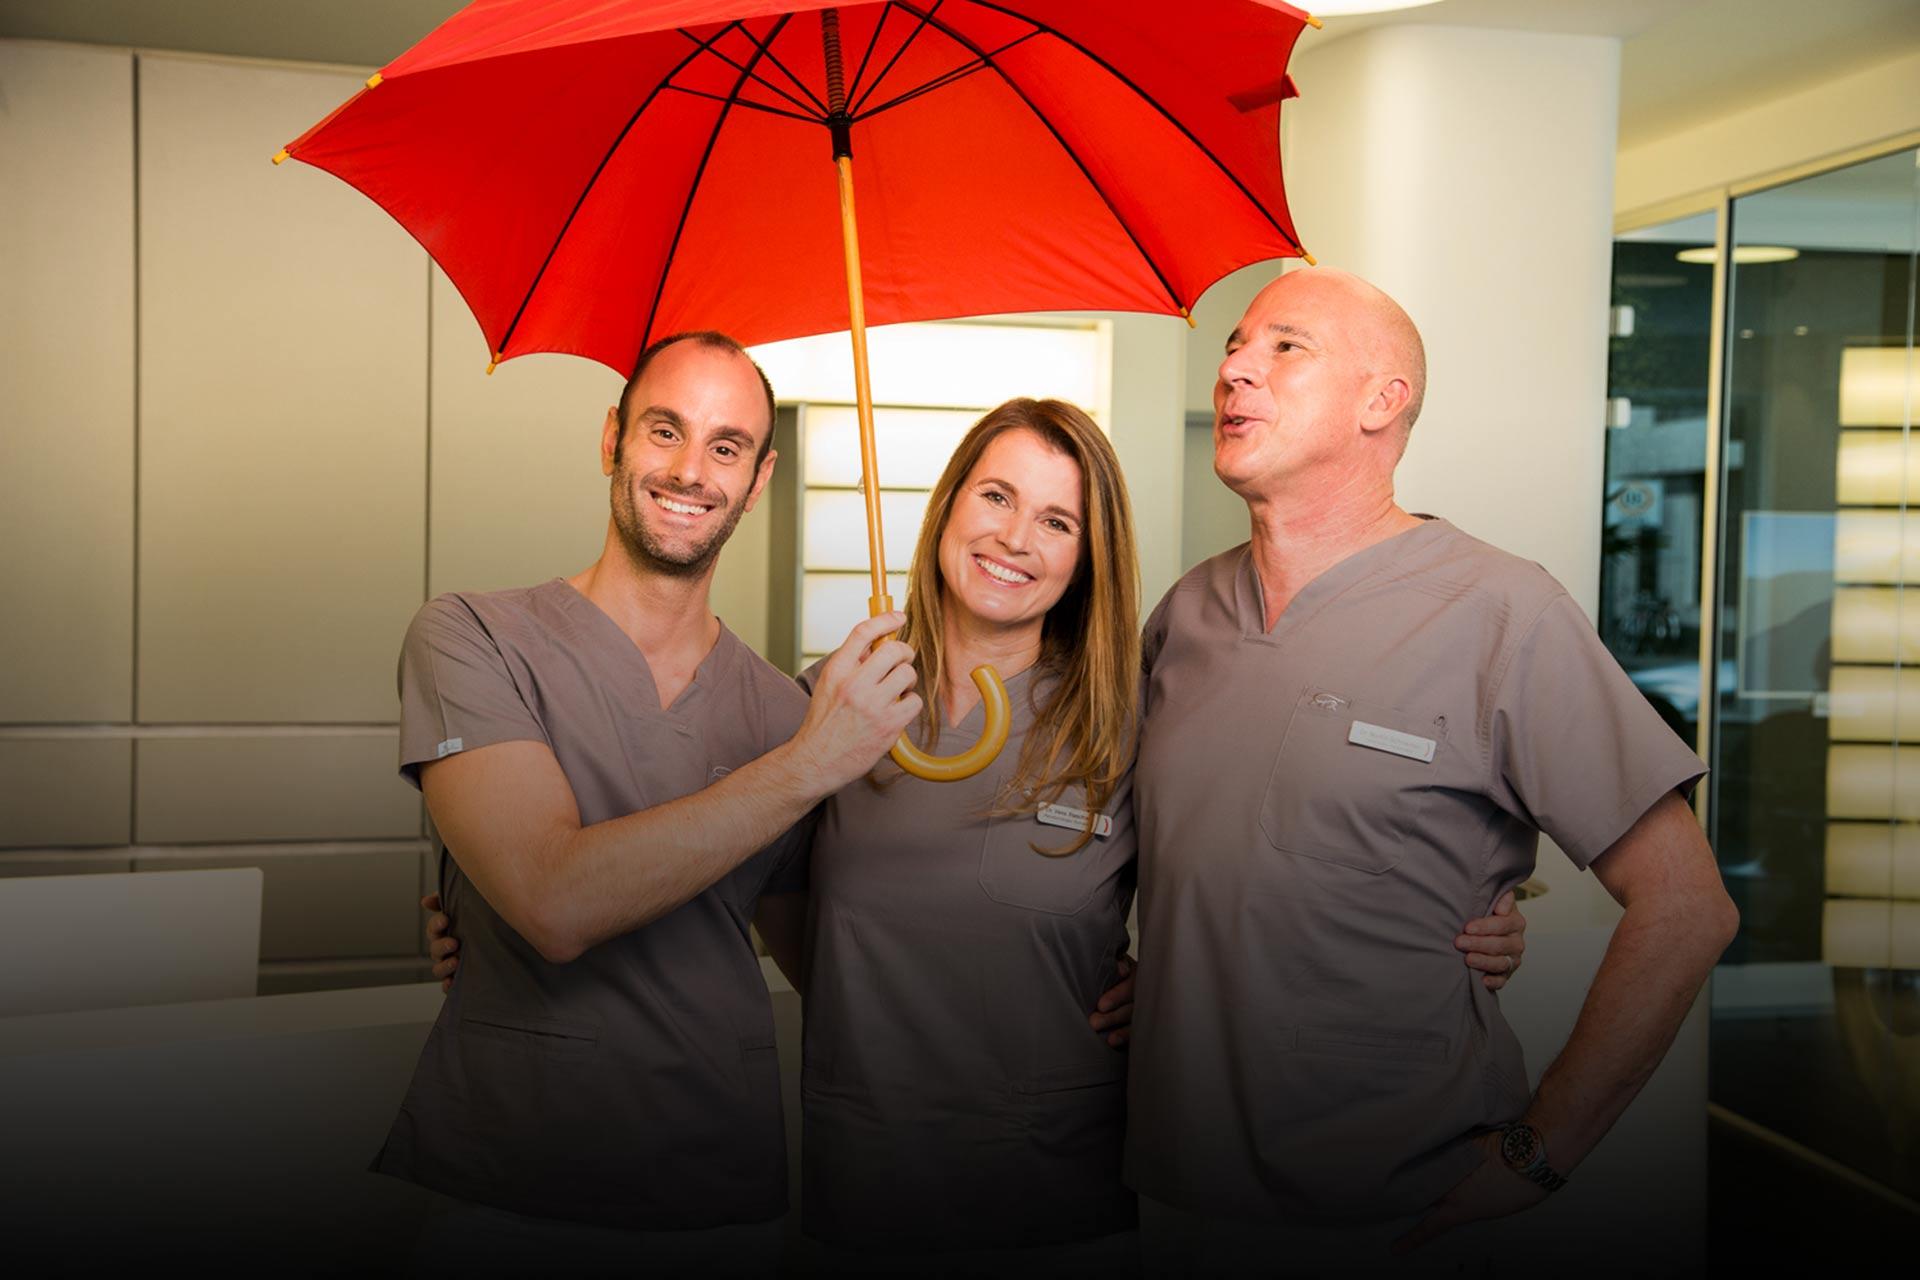 Zahnkultur Köln: Unsere Zahnärzte lassen Sie nicht im Regen stehen!